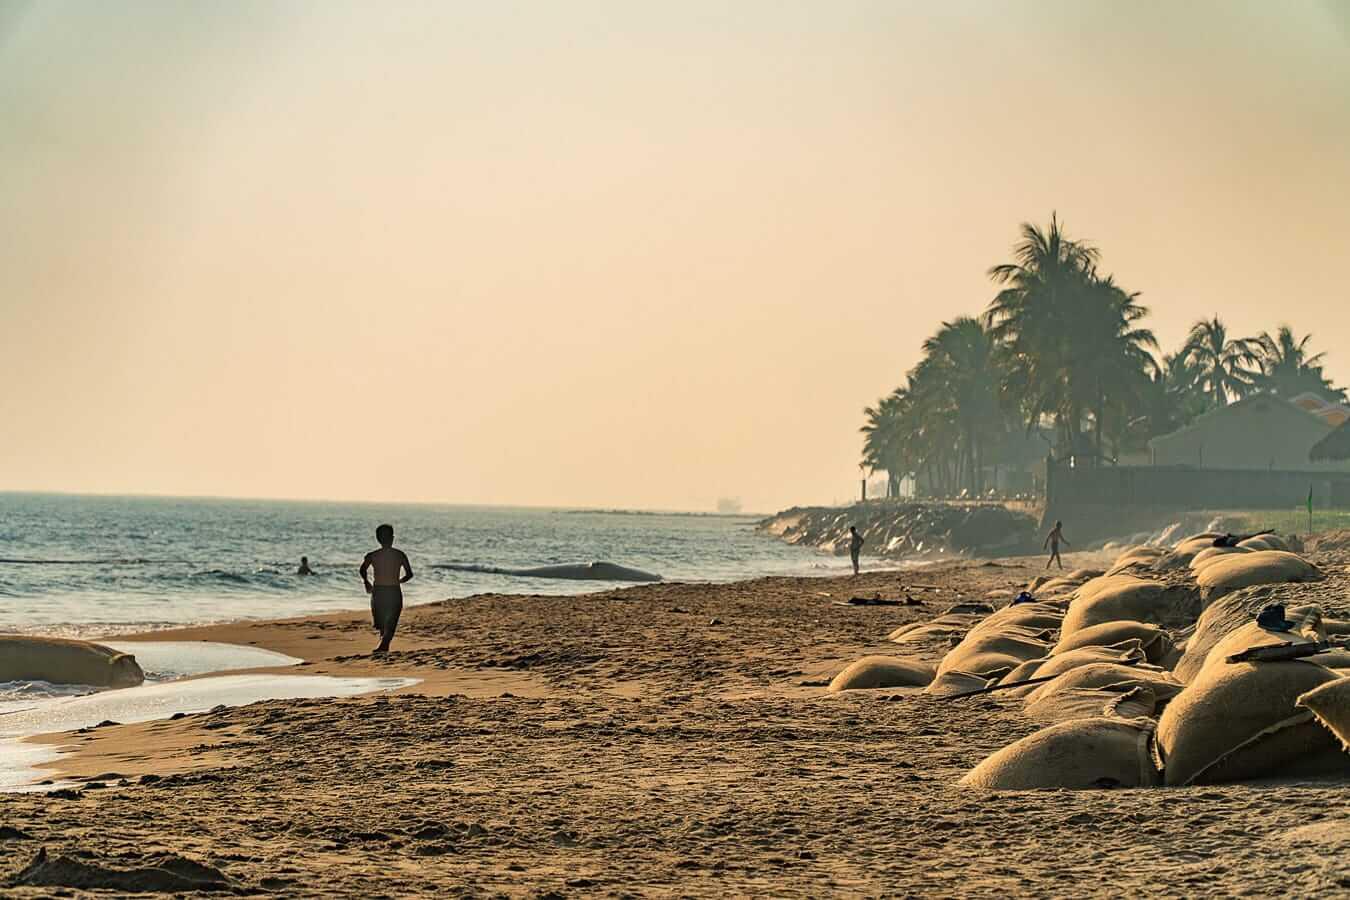 Cua Dai Beach: Where to stay in Hoi An